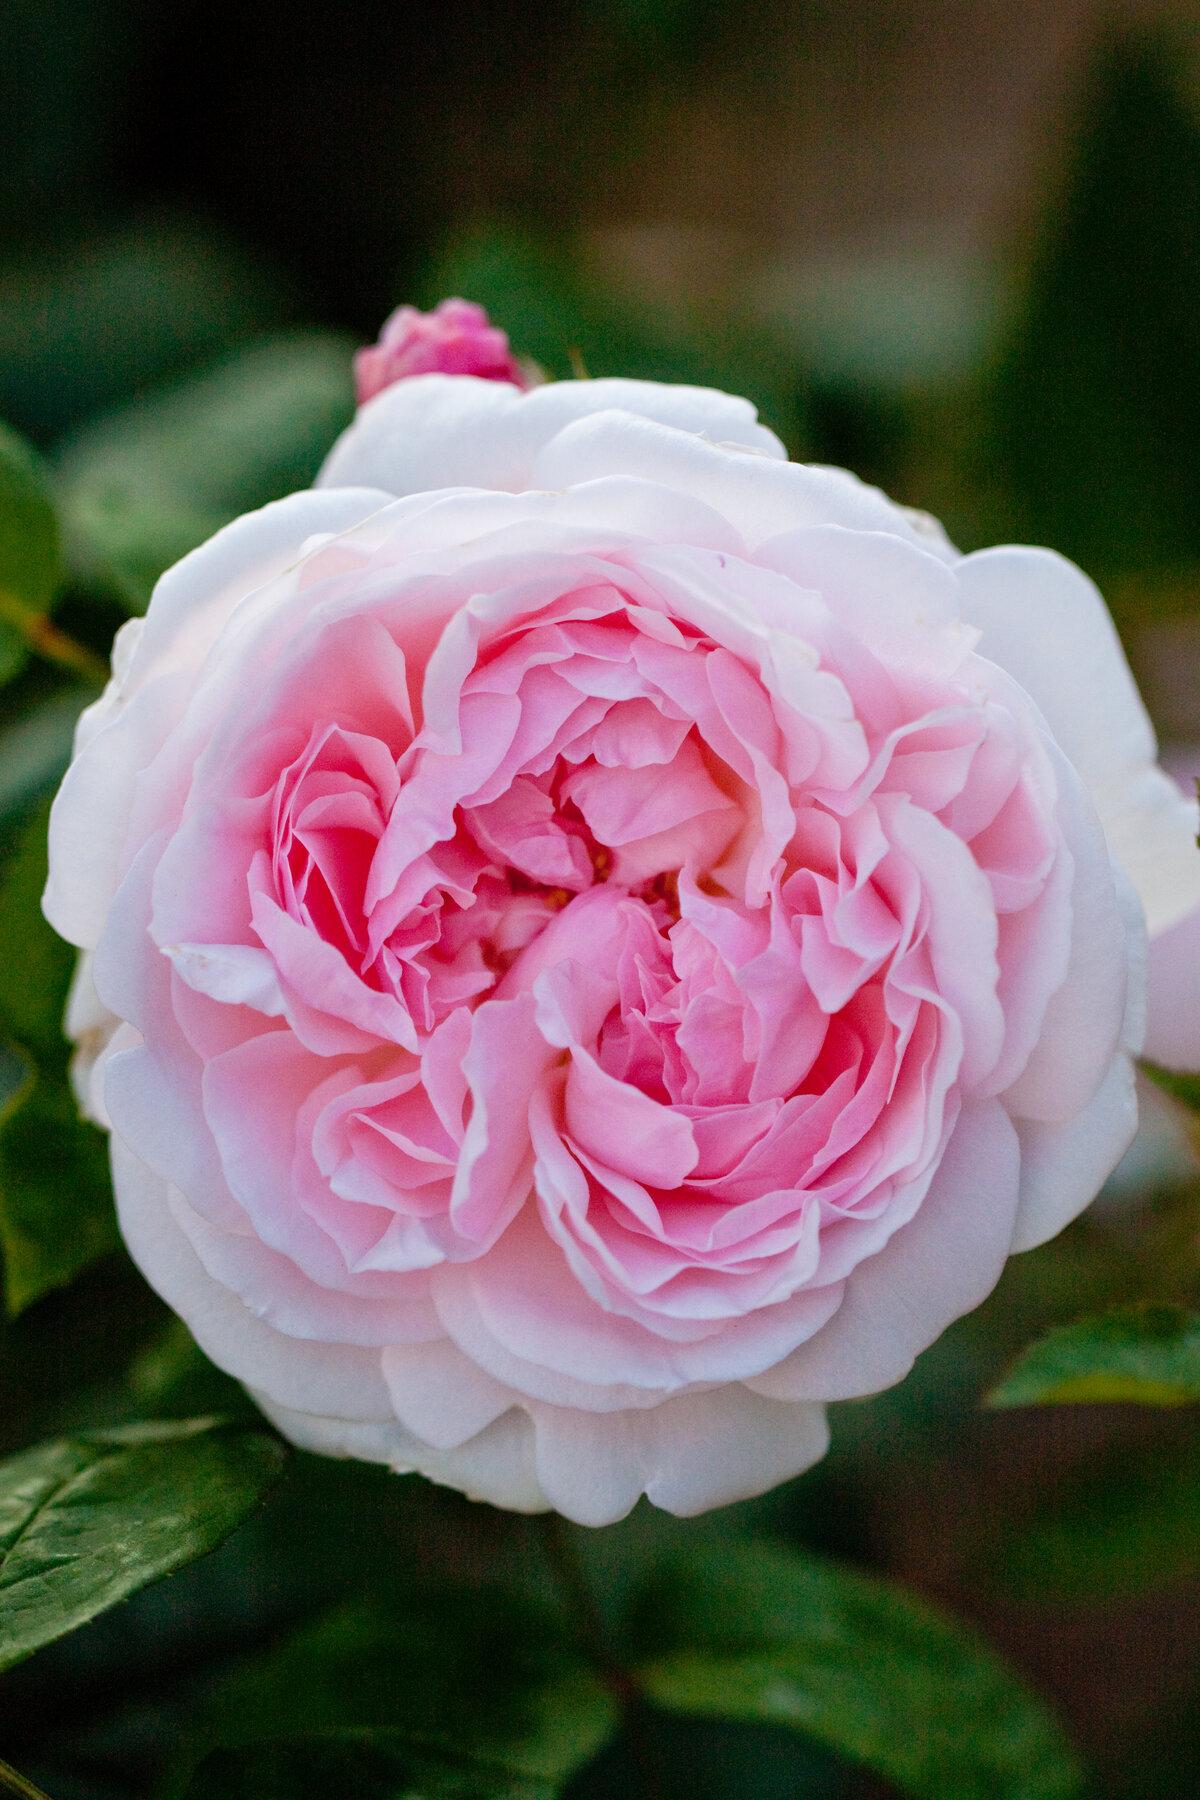 тебя, моя роза эглантин фото описание отзывы его